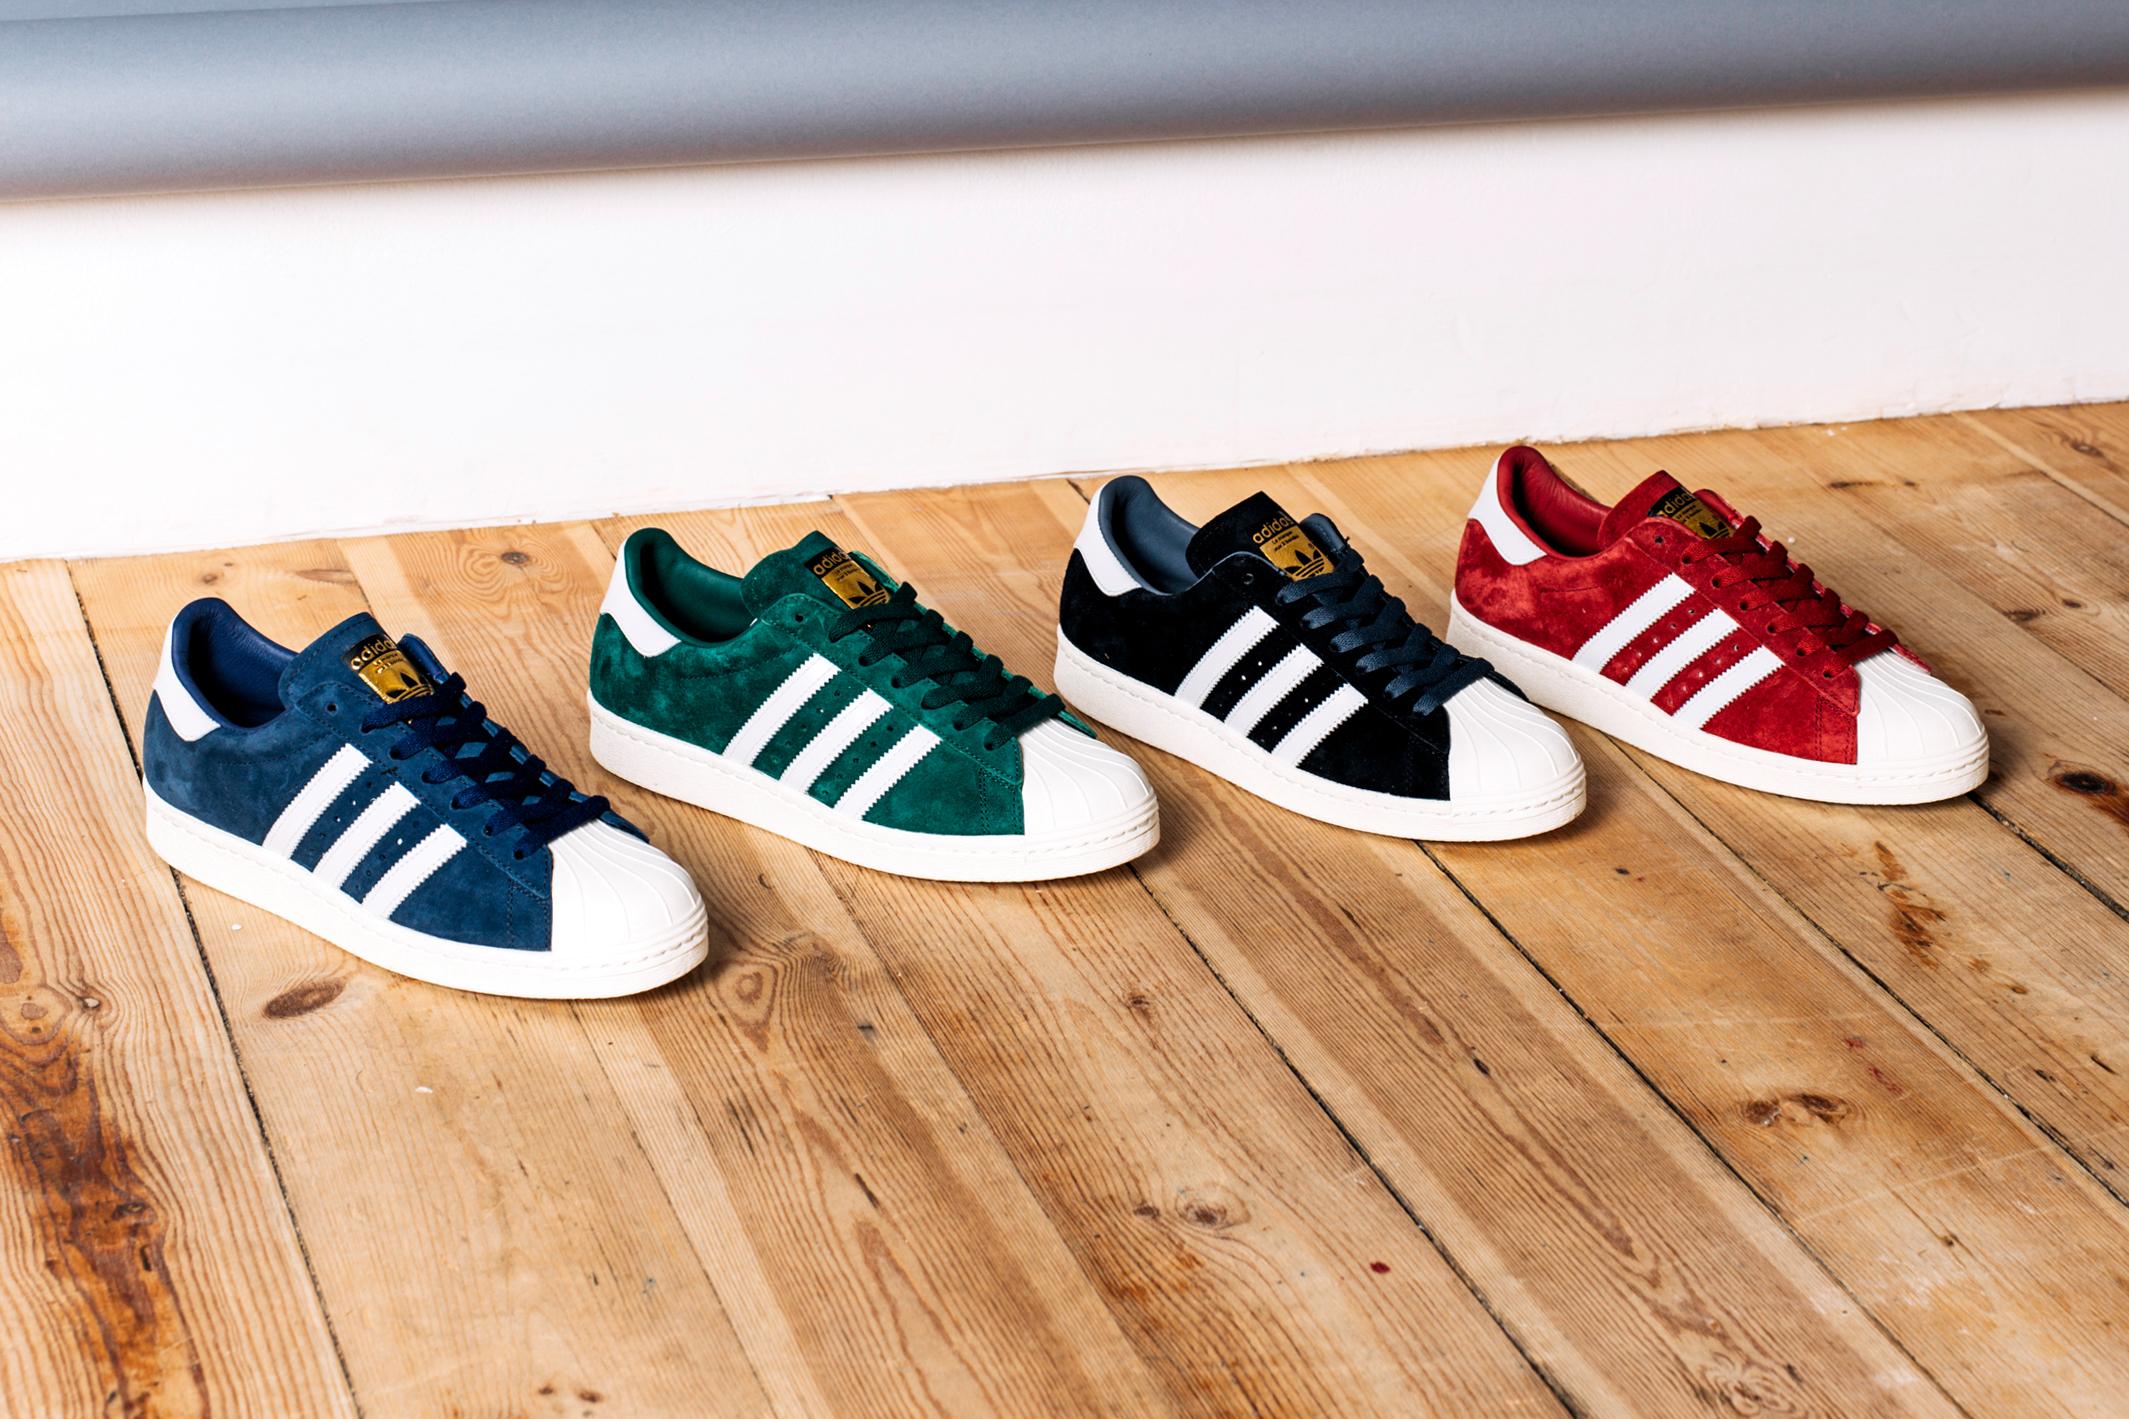 dfcvj adidas Originals Superstar Suede Classics Pack � Sneakers Magazine